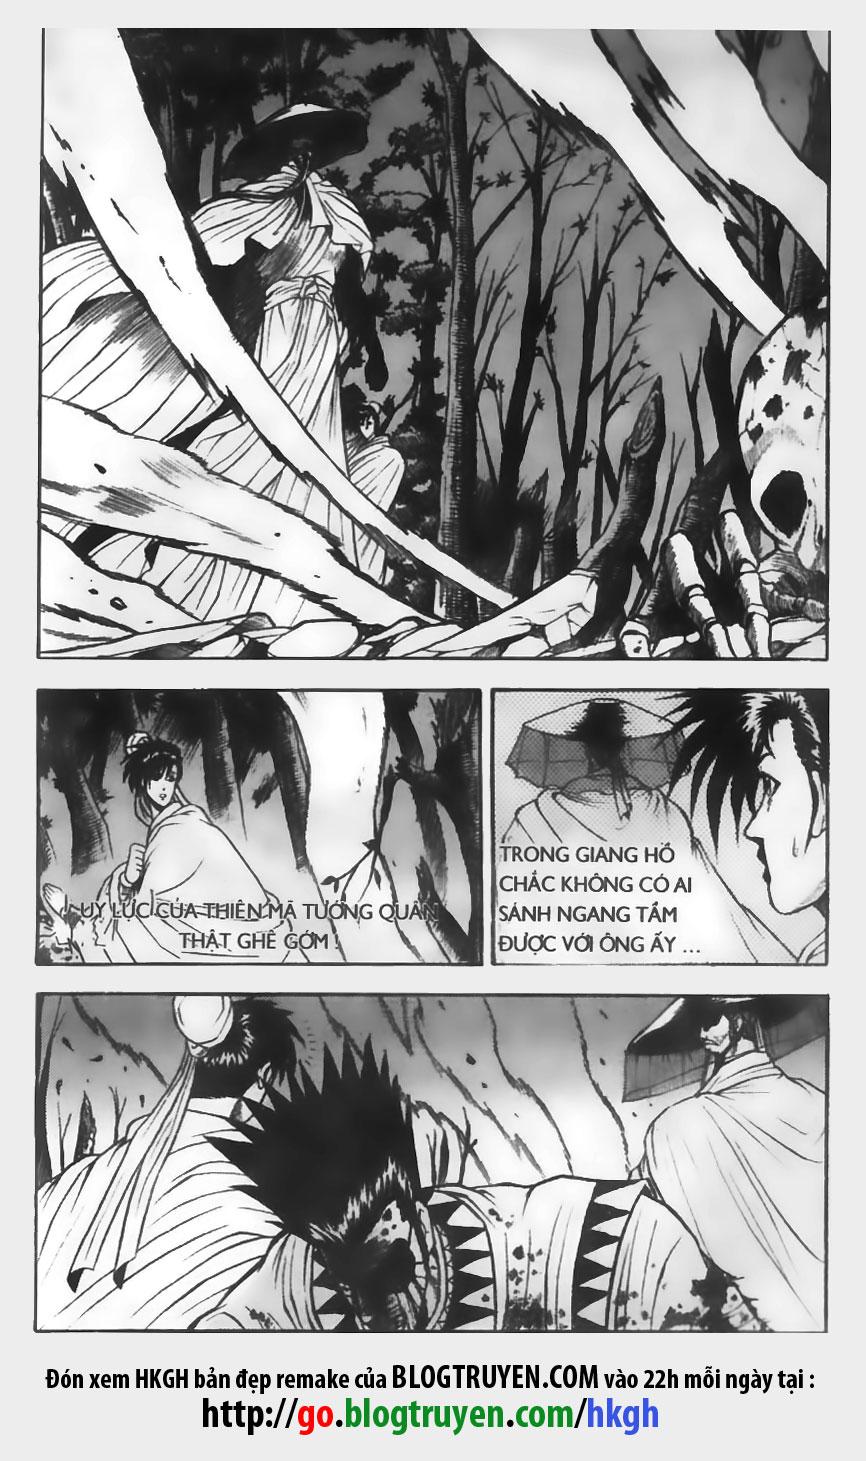 xem truyen moi - Hiệp Khách Giang Hồ Vol04 - Chap 024 - Remake